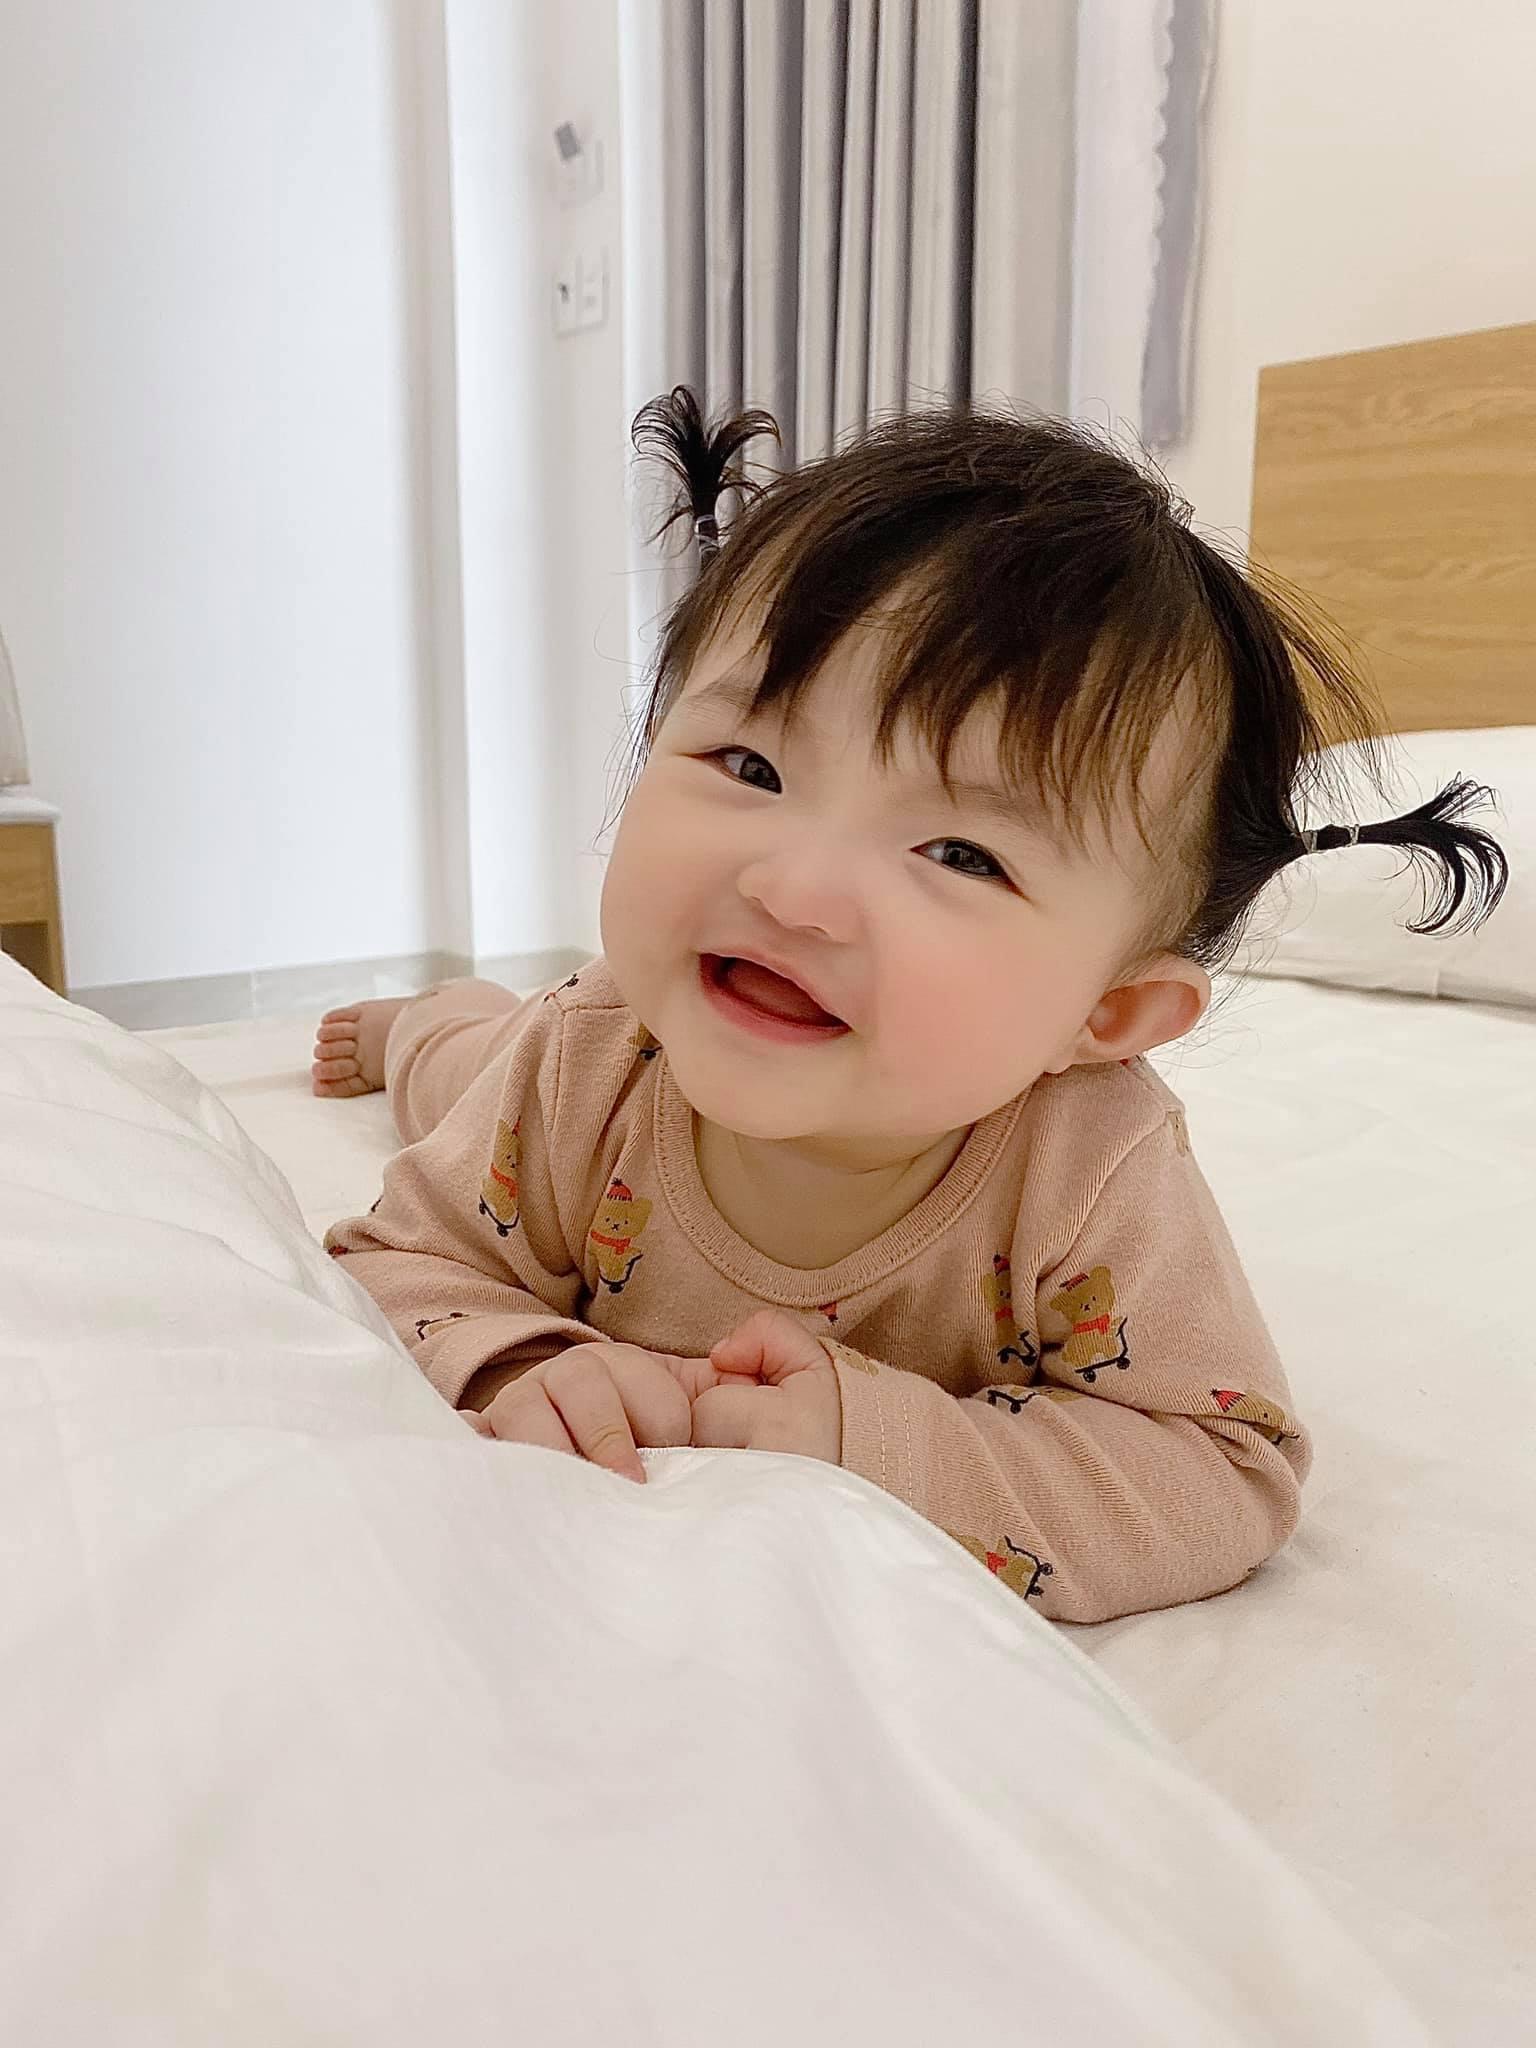 Netizen tranh cãi concept chụp hình gia đình Đông Nhi: Bố mẹ lên xiêm y sang chảnh nhưng con gái lại mặc độc mỗi chiếc tã lẻ loi - Ảnh 8.